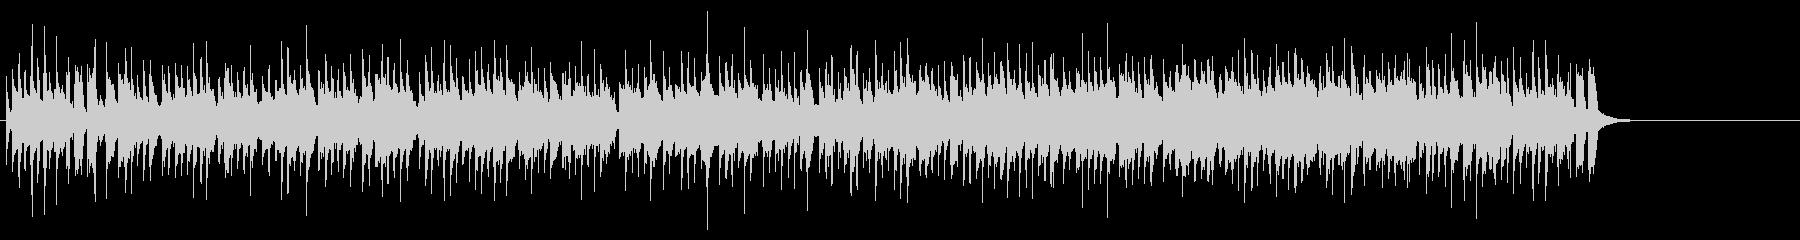 ファンキーで開放的なオープニング・テーマの未再生の波形